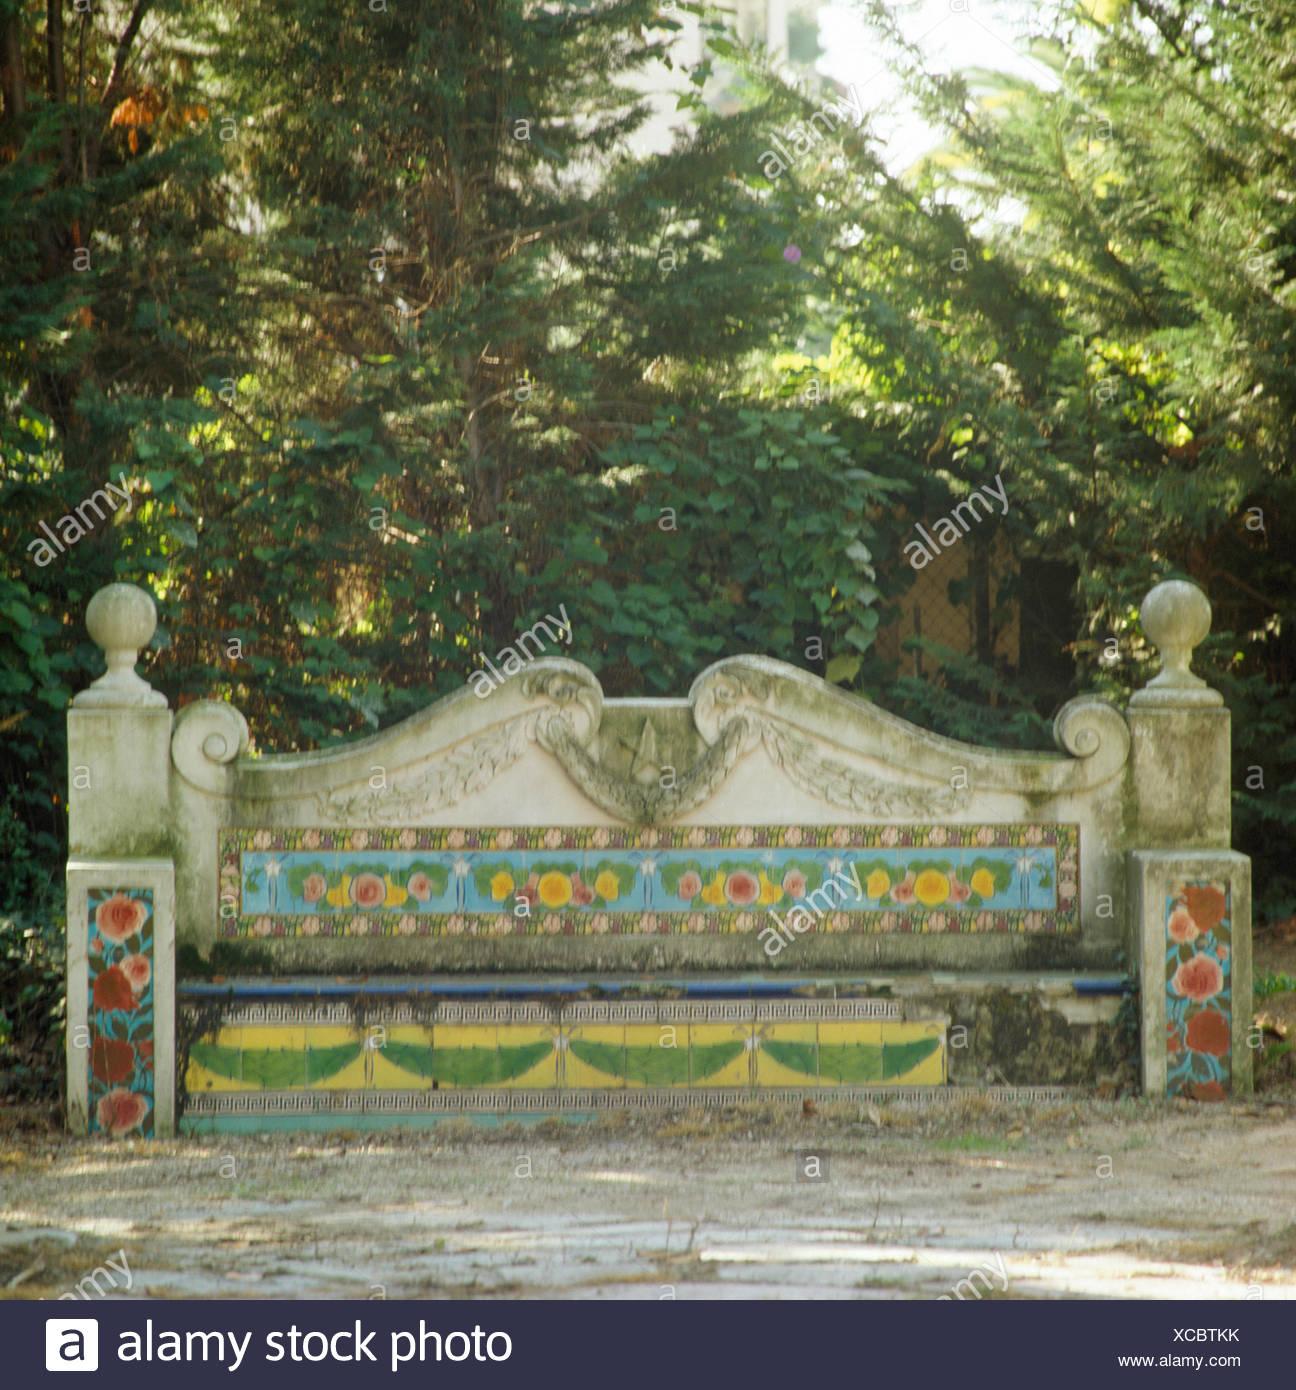 Il Sedile In Pietra Con Piastrelle Decorative In Grande Giardino All